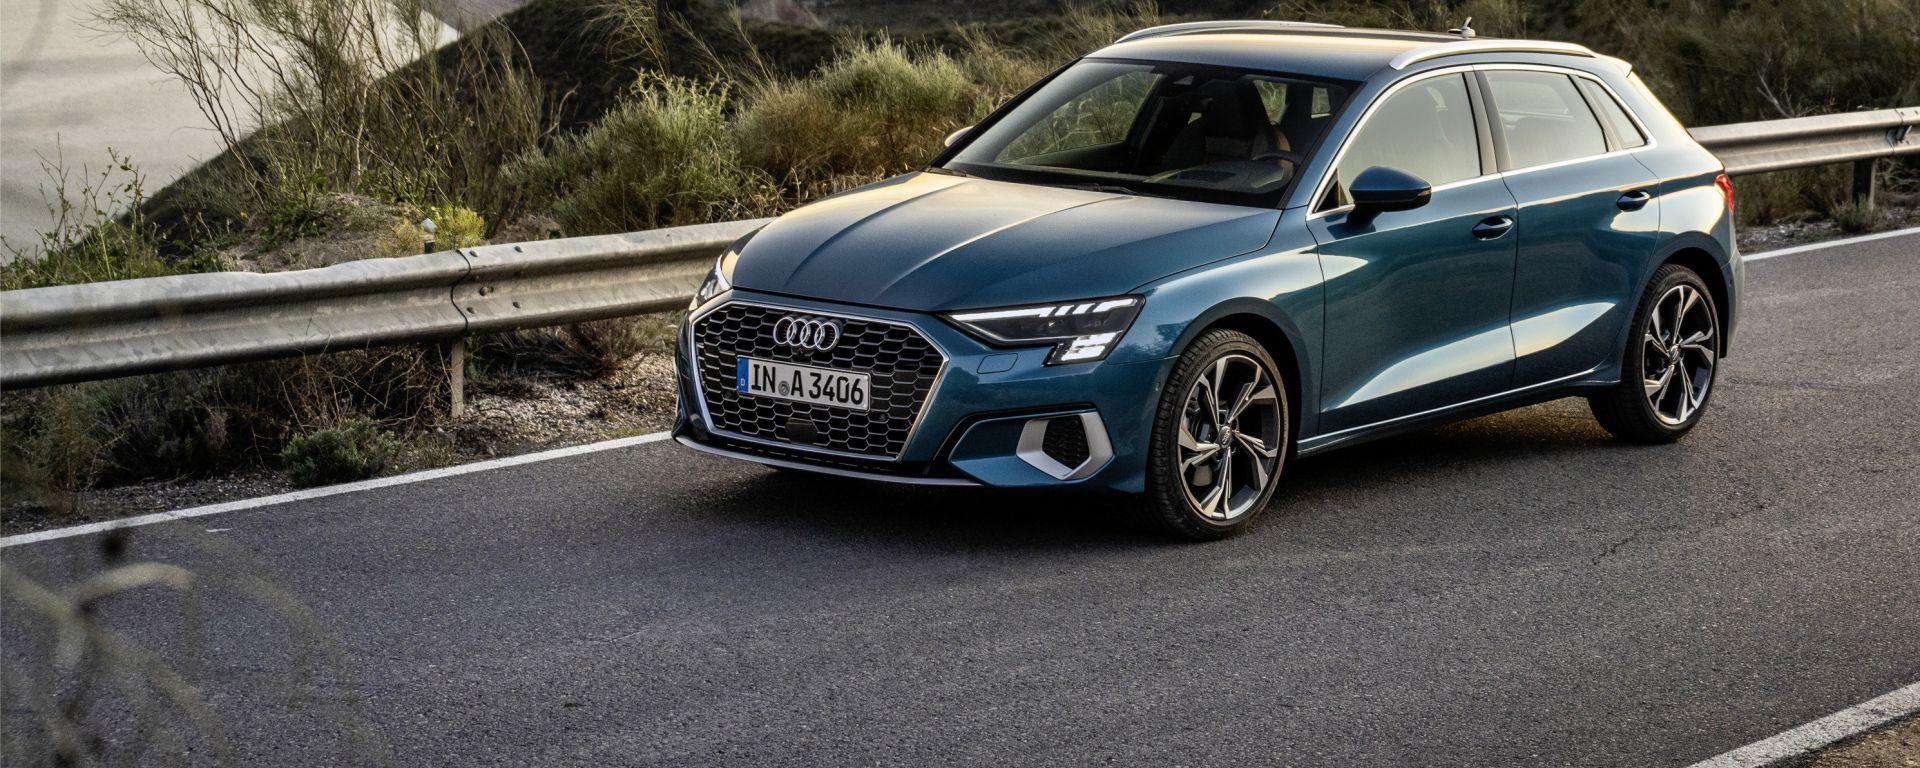 Nuova Audi A3, a listino il mild-hybrid. Tutte le versioni